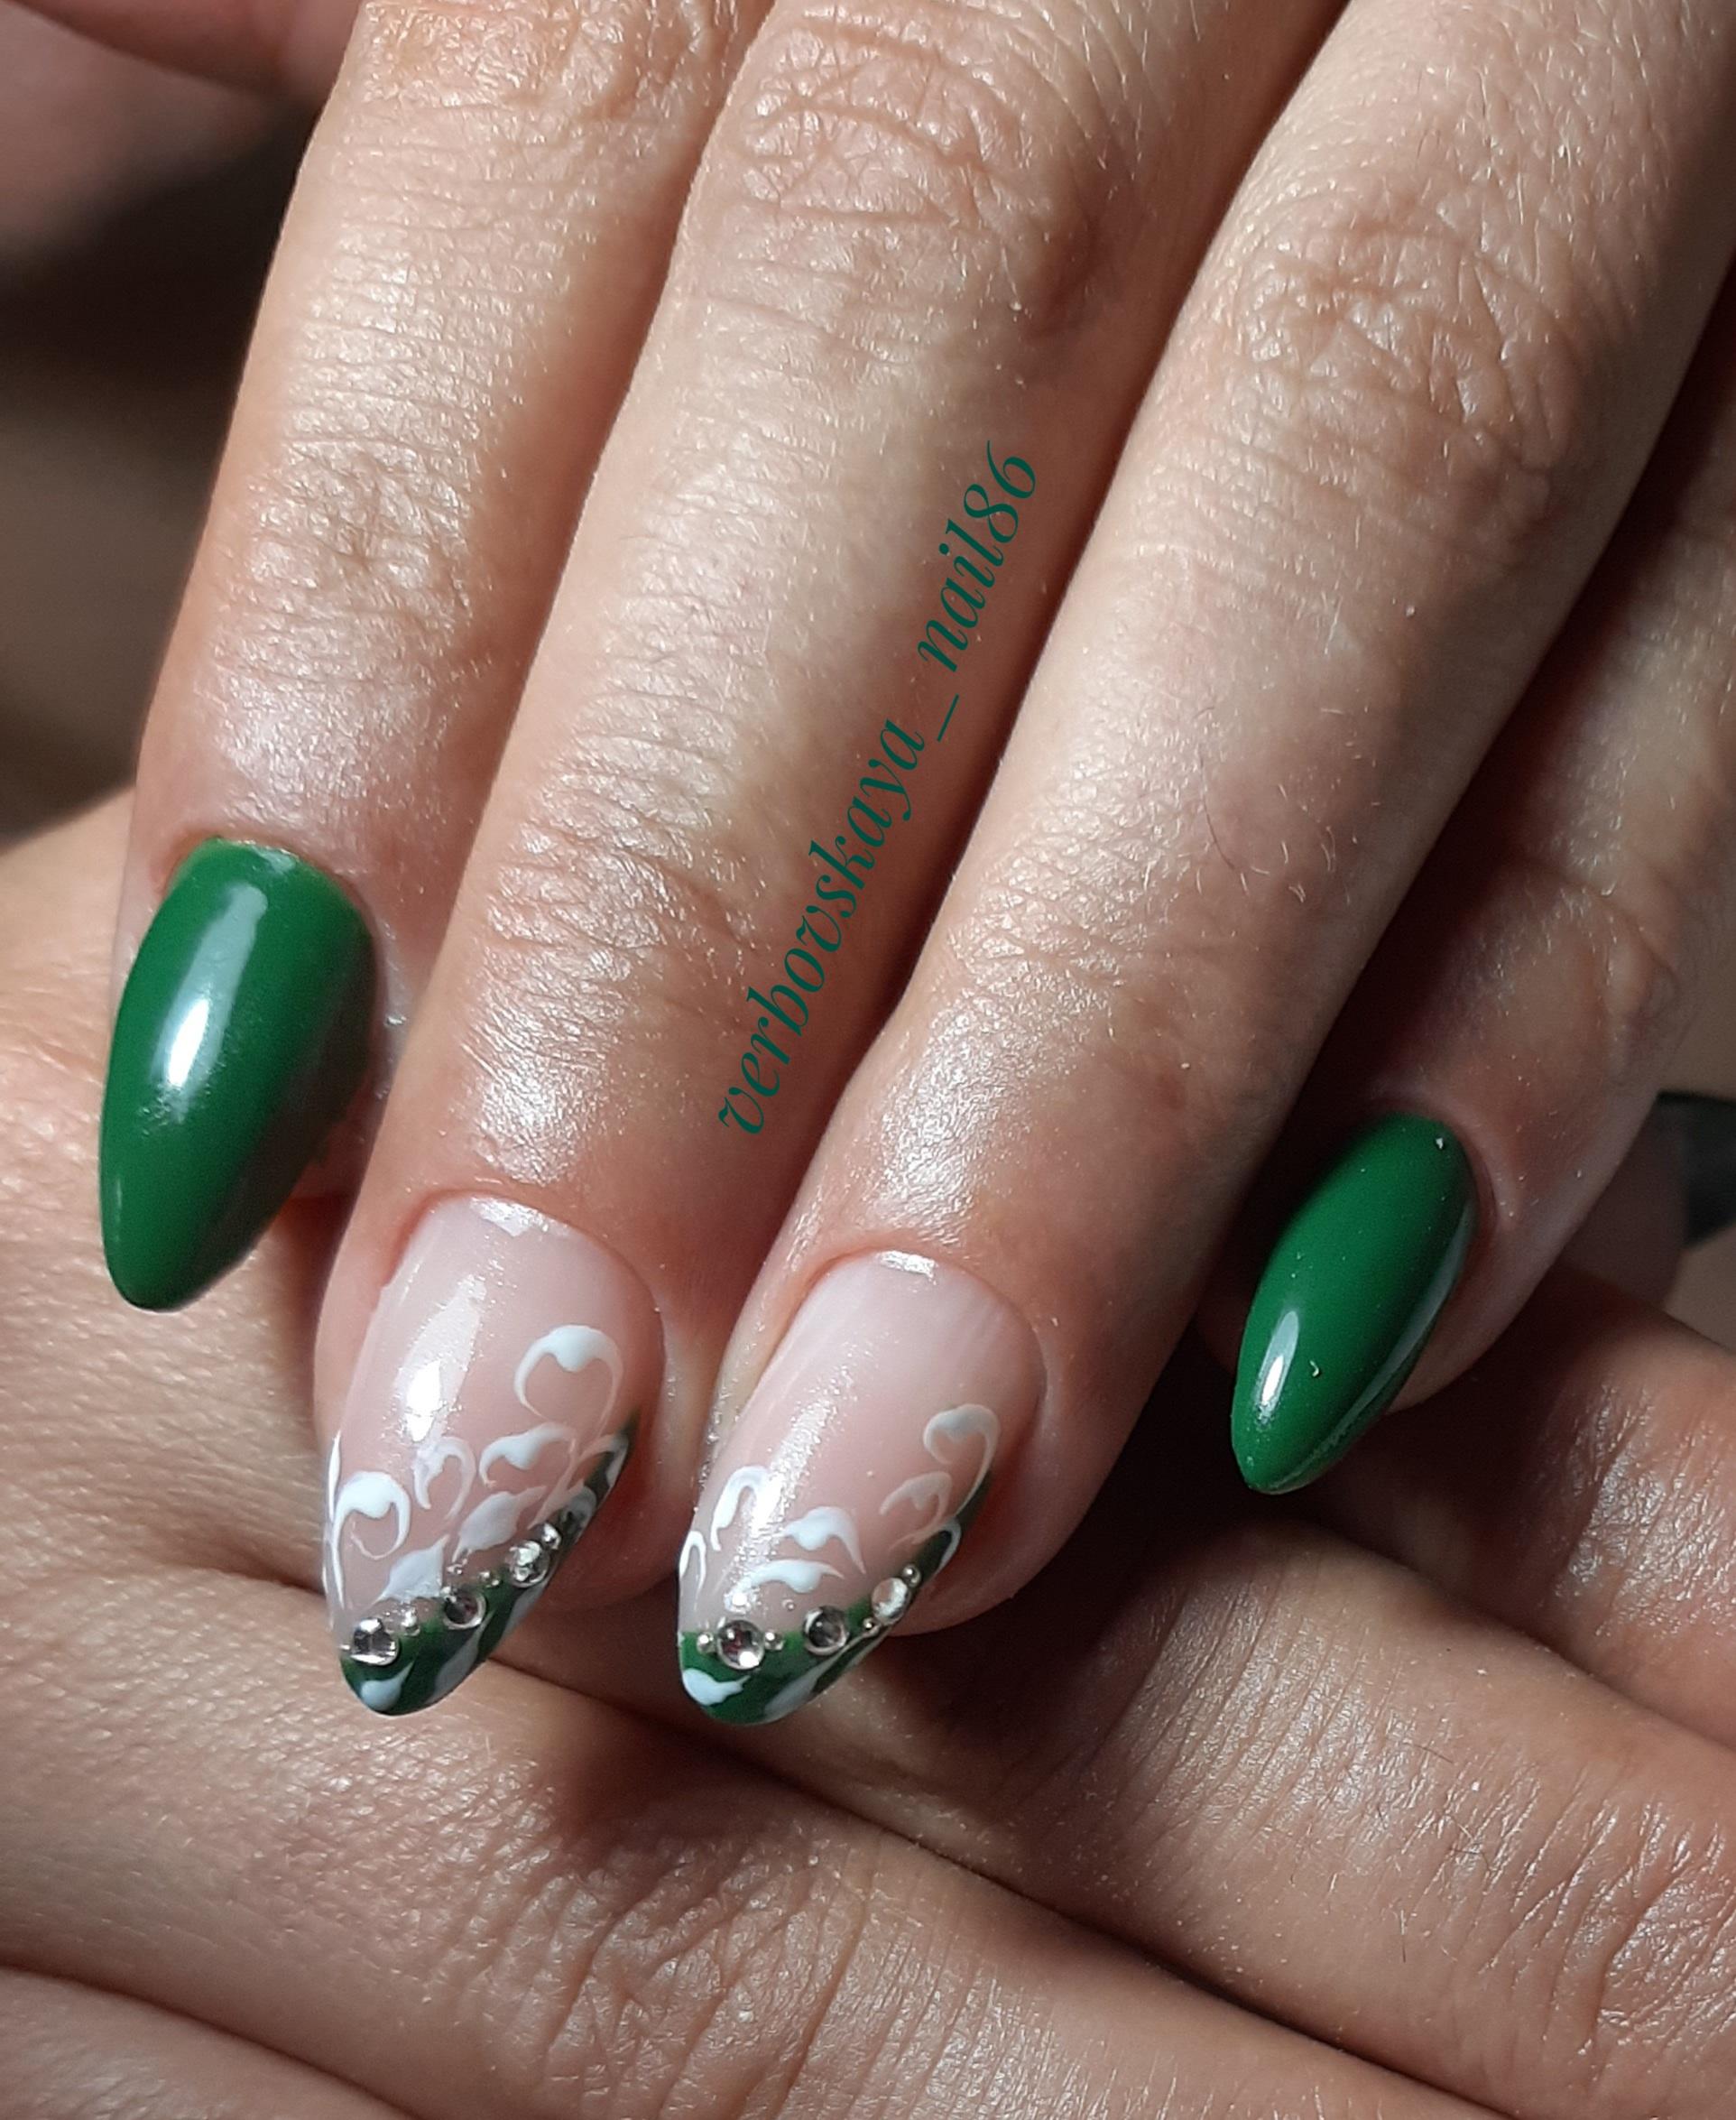 Маникюр с френч-дизайном, вензелями и стразами в зеленом цвете на короткие ногти.